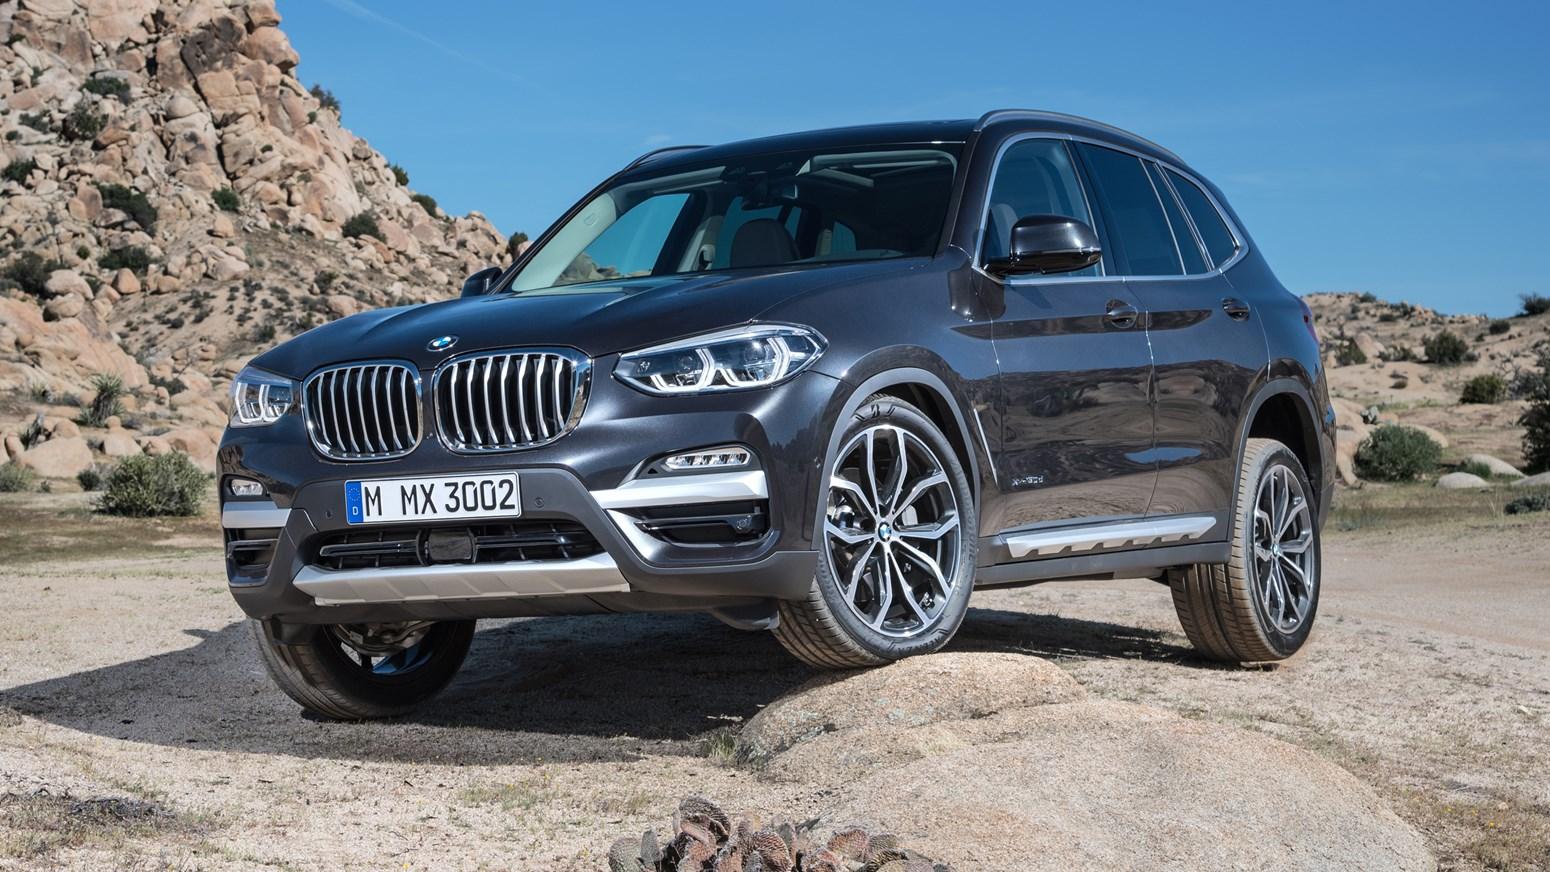 BMW X3 GALLERY 2440X1373 C